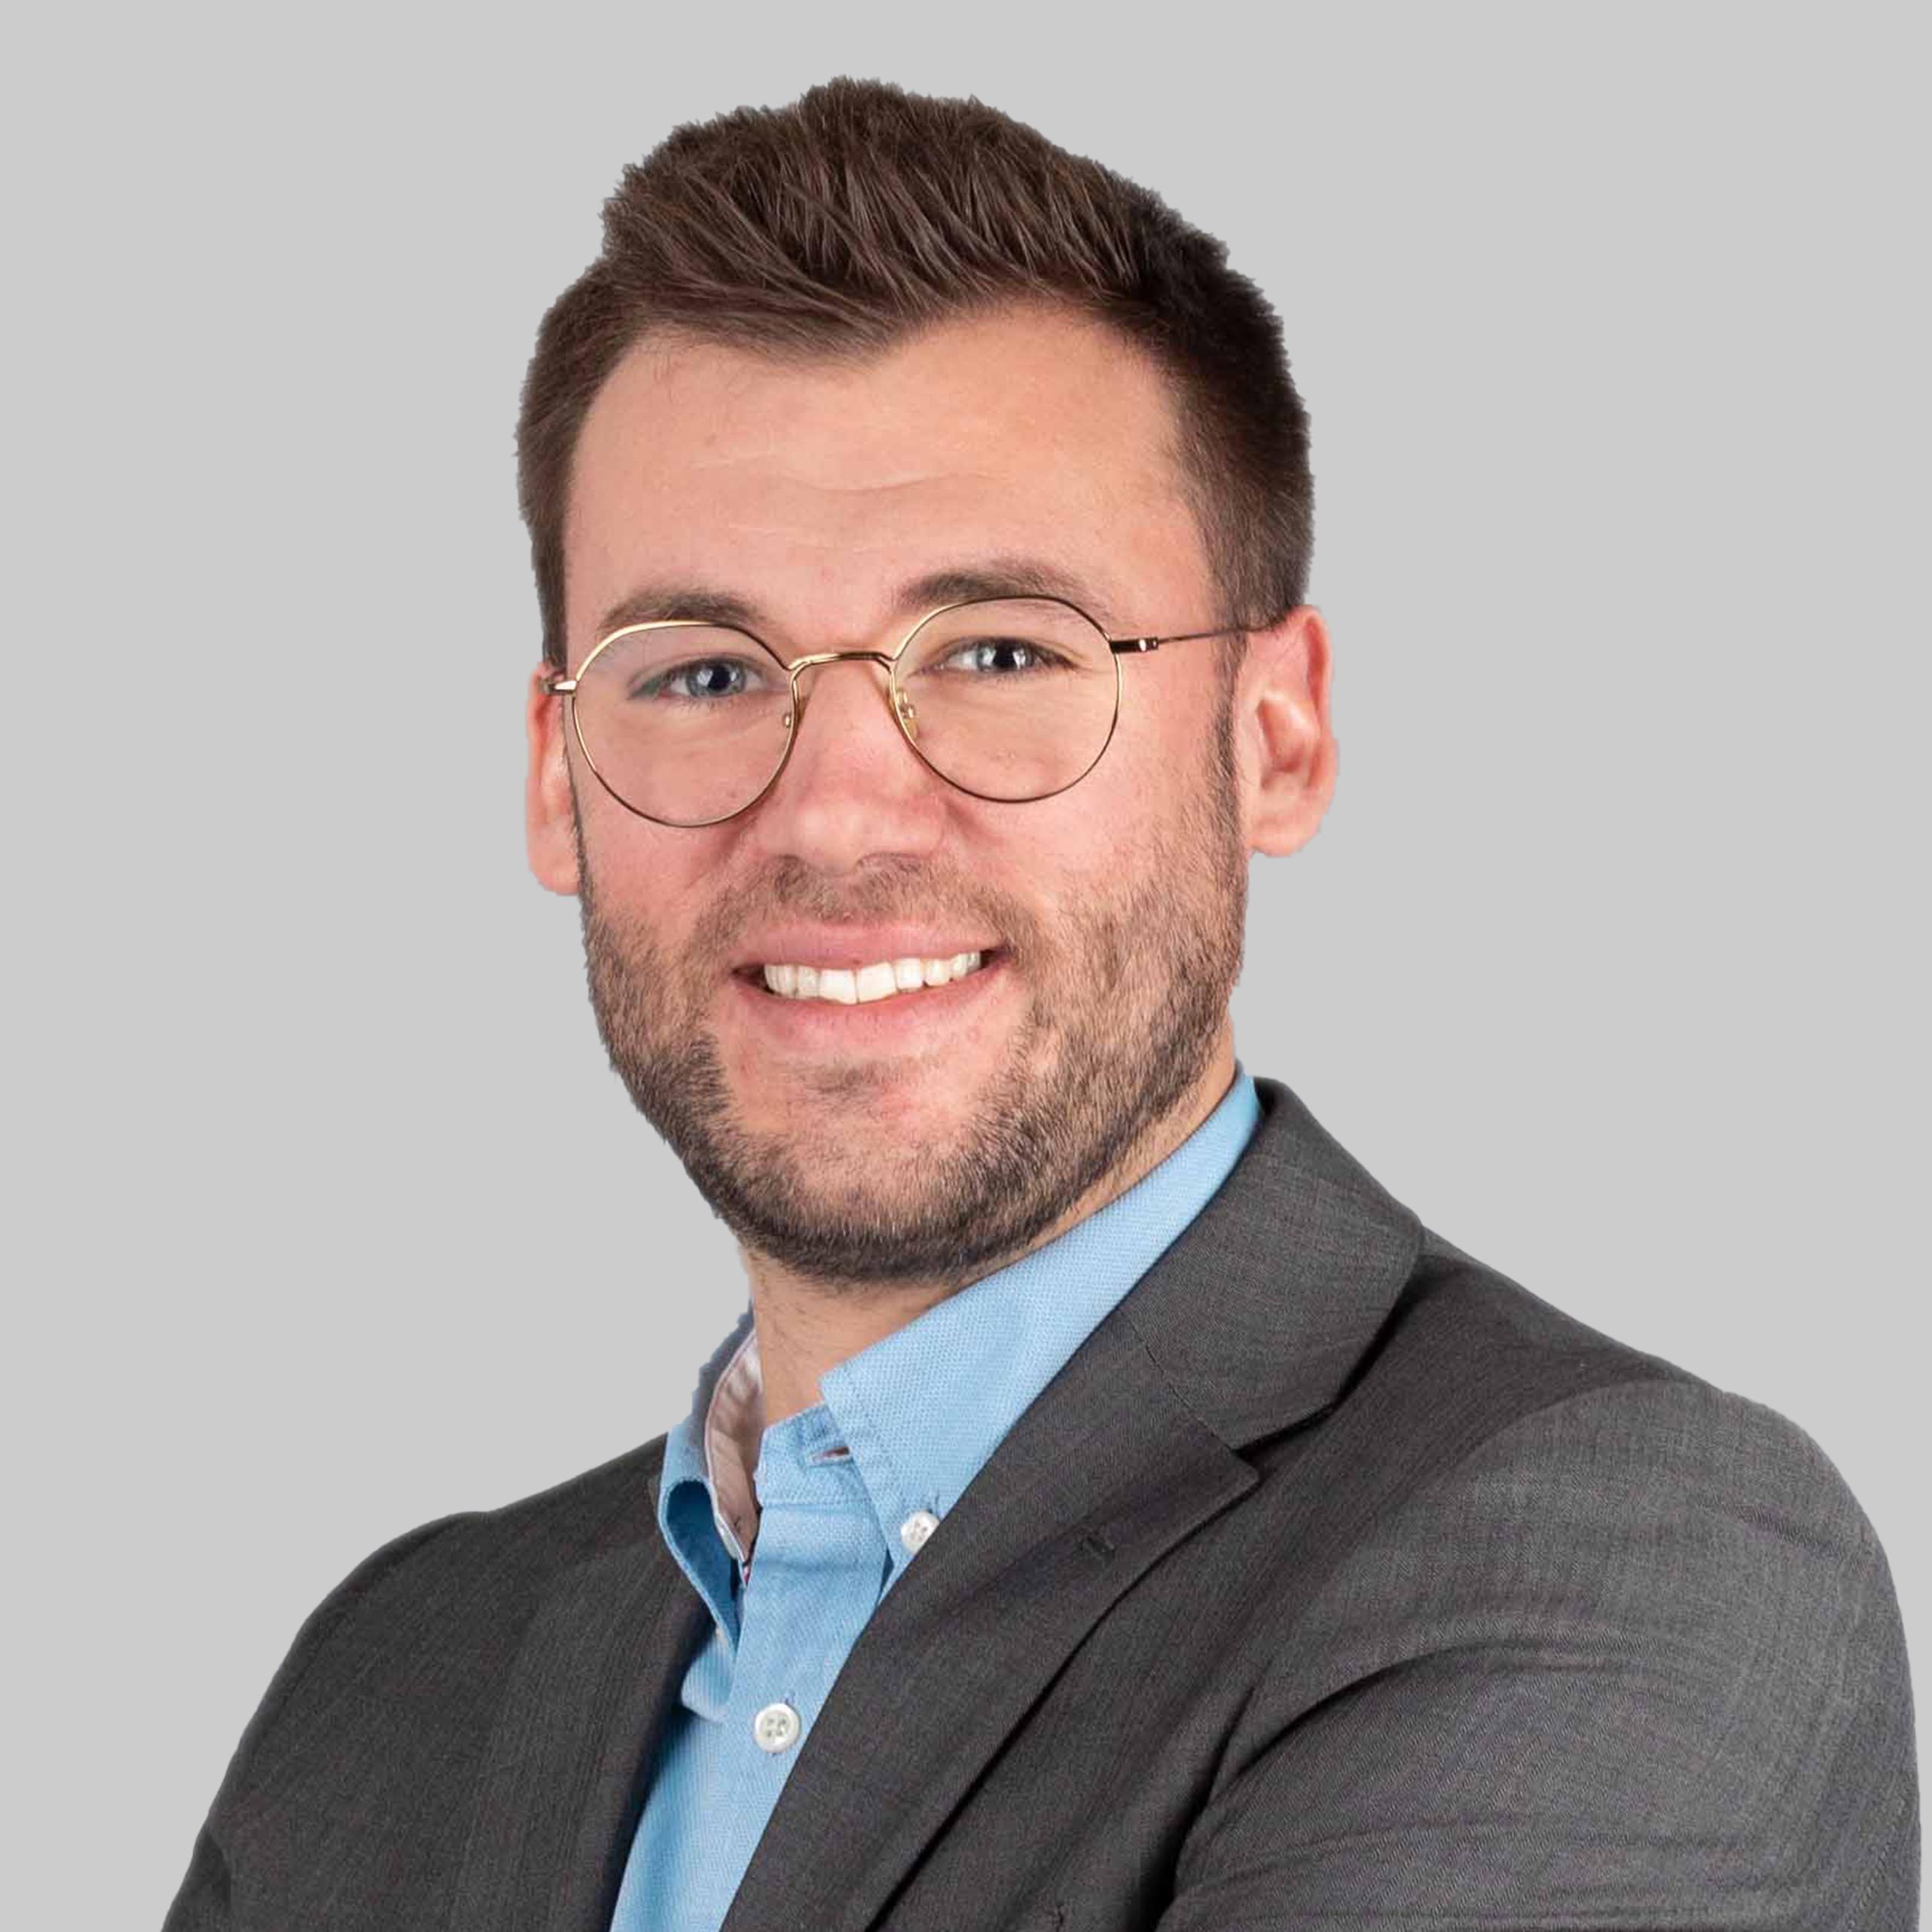 Dominik Vaassen